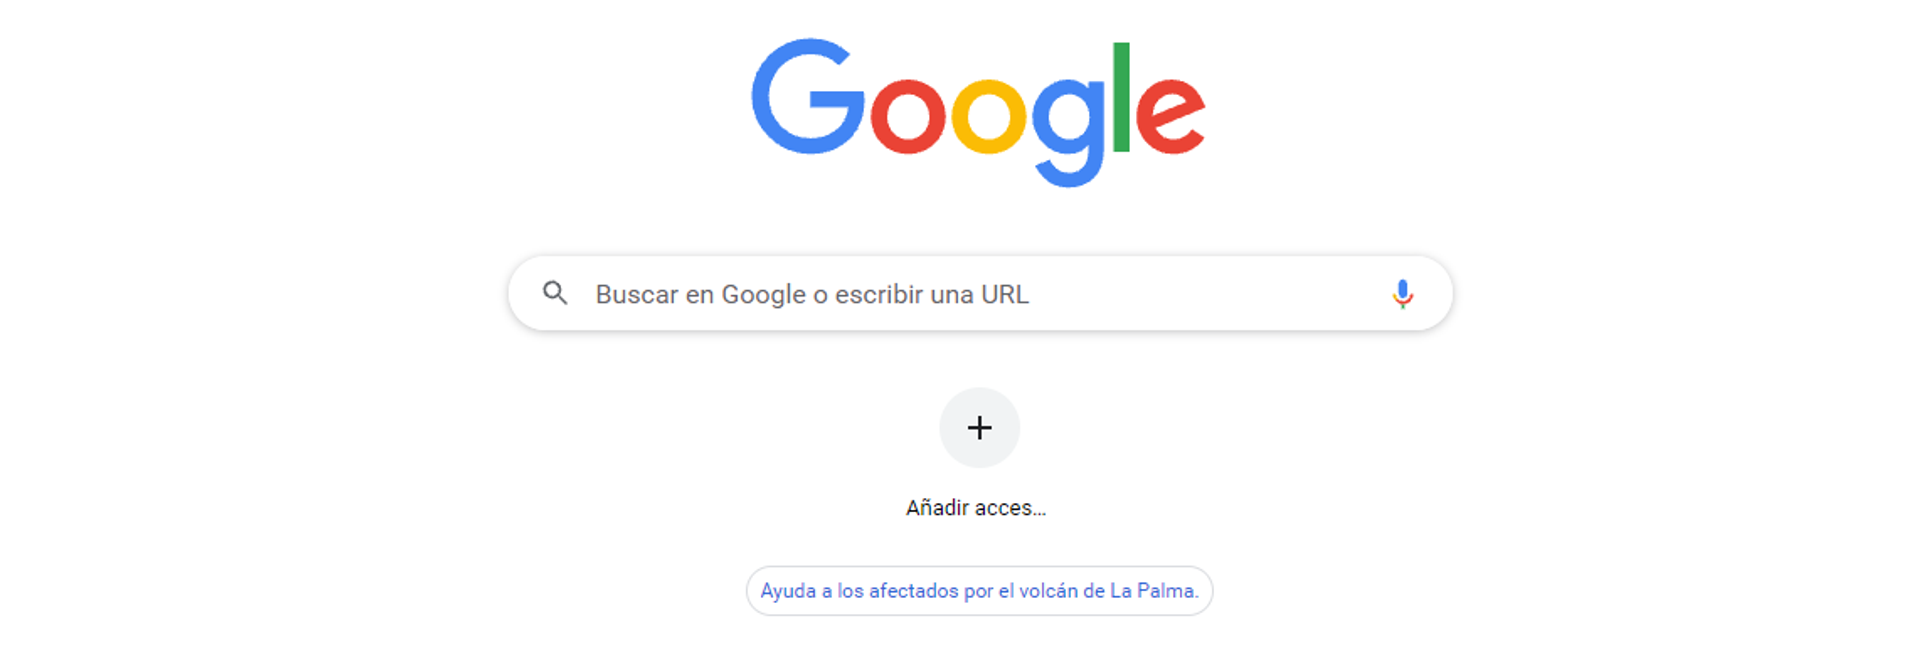 Enlace de ayuda de Google para los afectados de La Palma - Sputnik Mundo, 1920, 06.10.2021